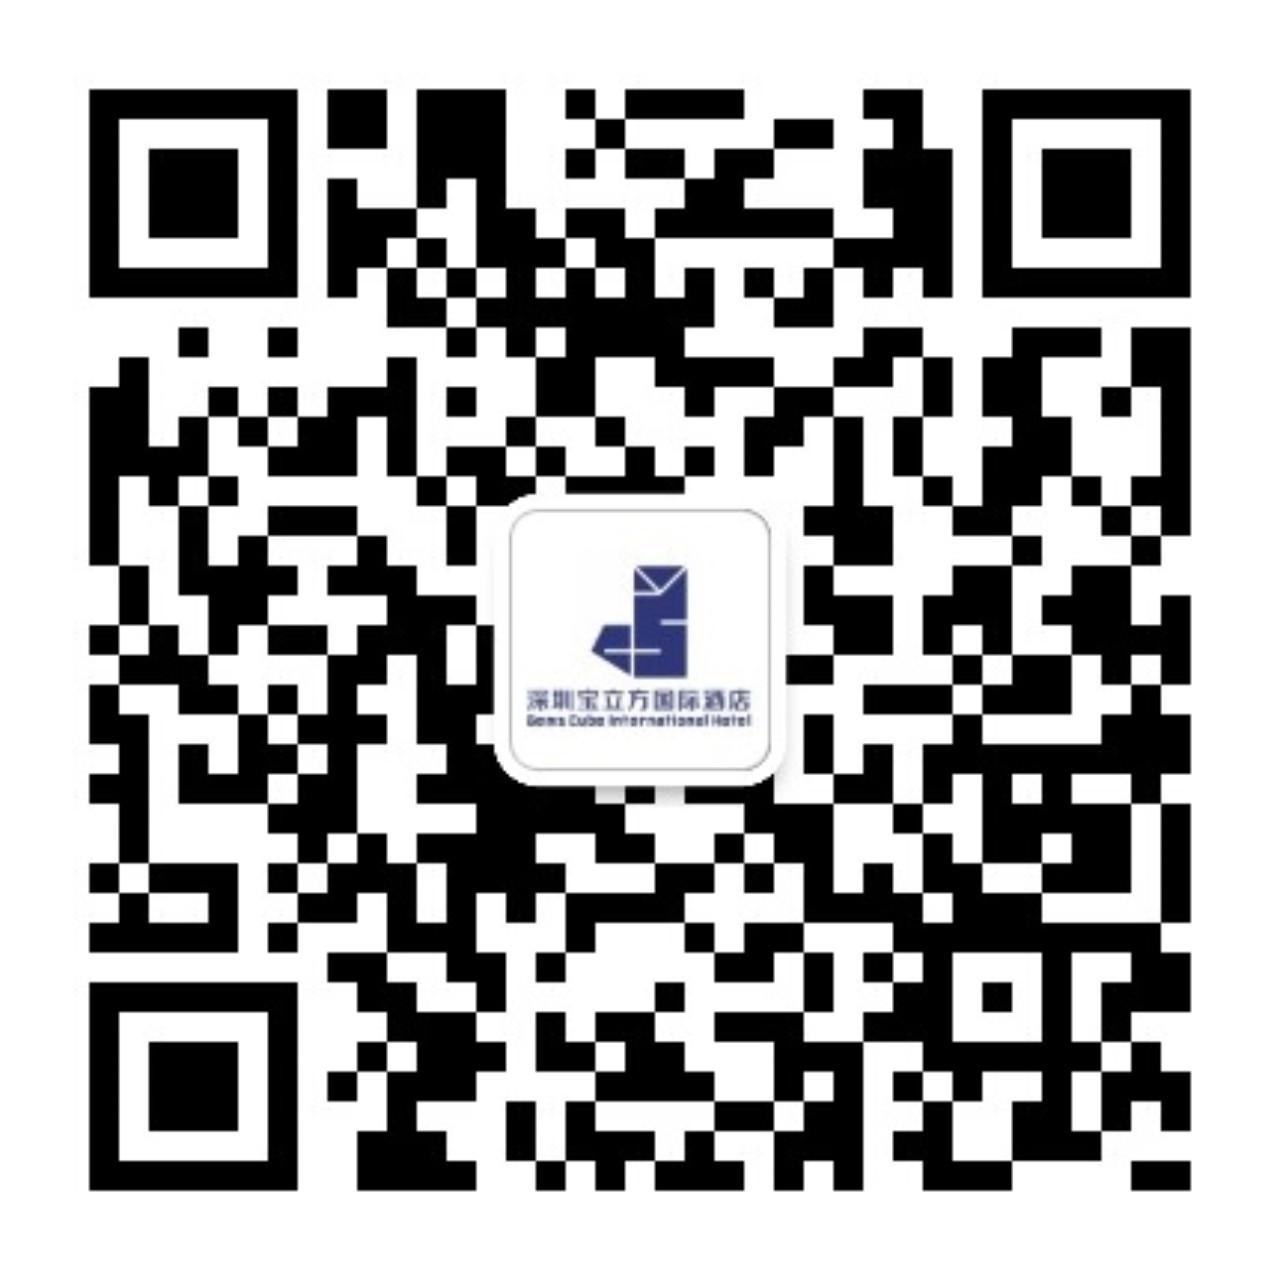 宝立方酒店微信公众号